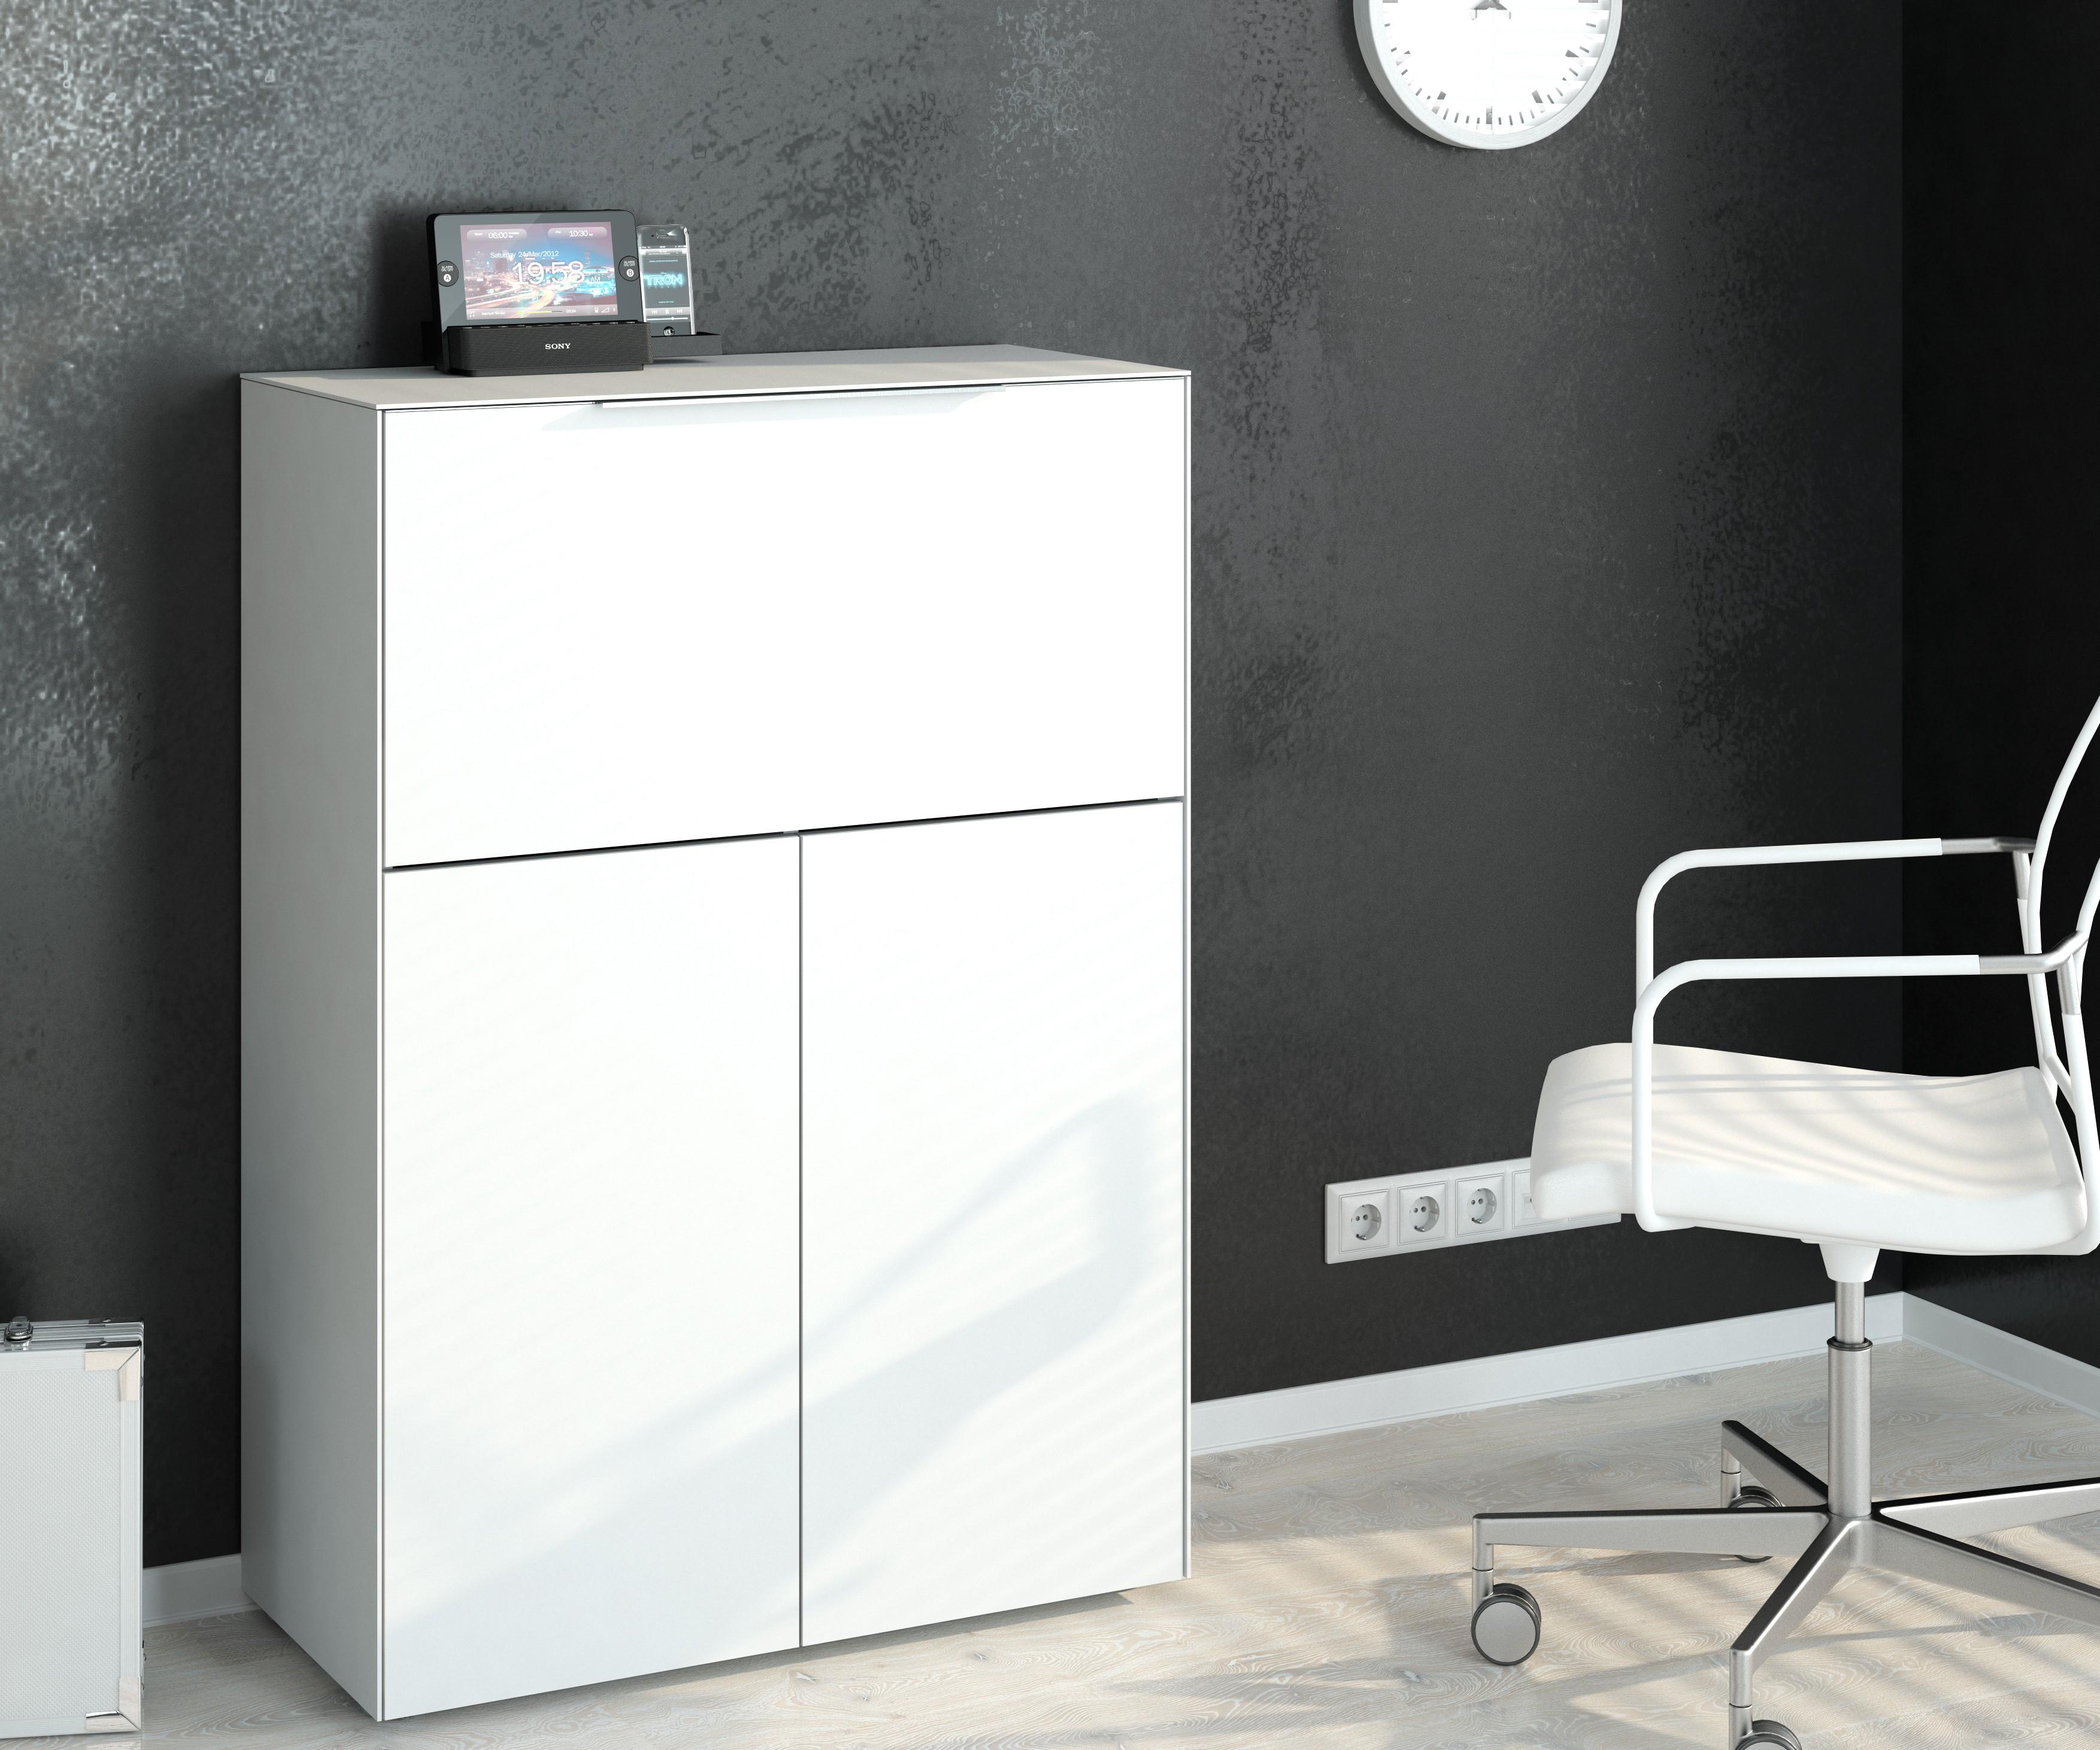 Sekretar Kommode Mit Integriertem Schreibtisch Mod Mj124 Weissglas